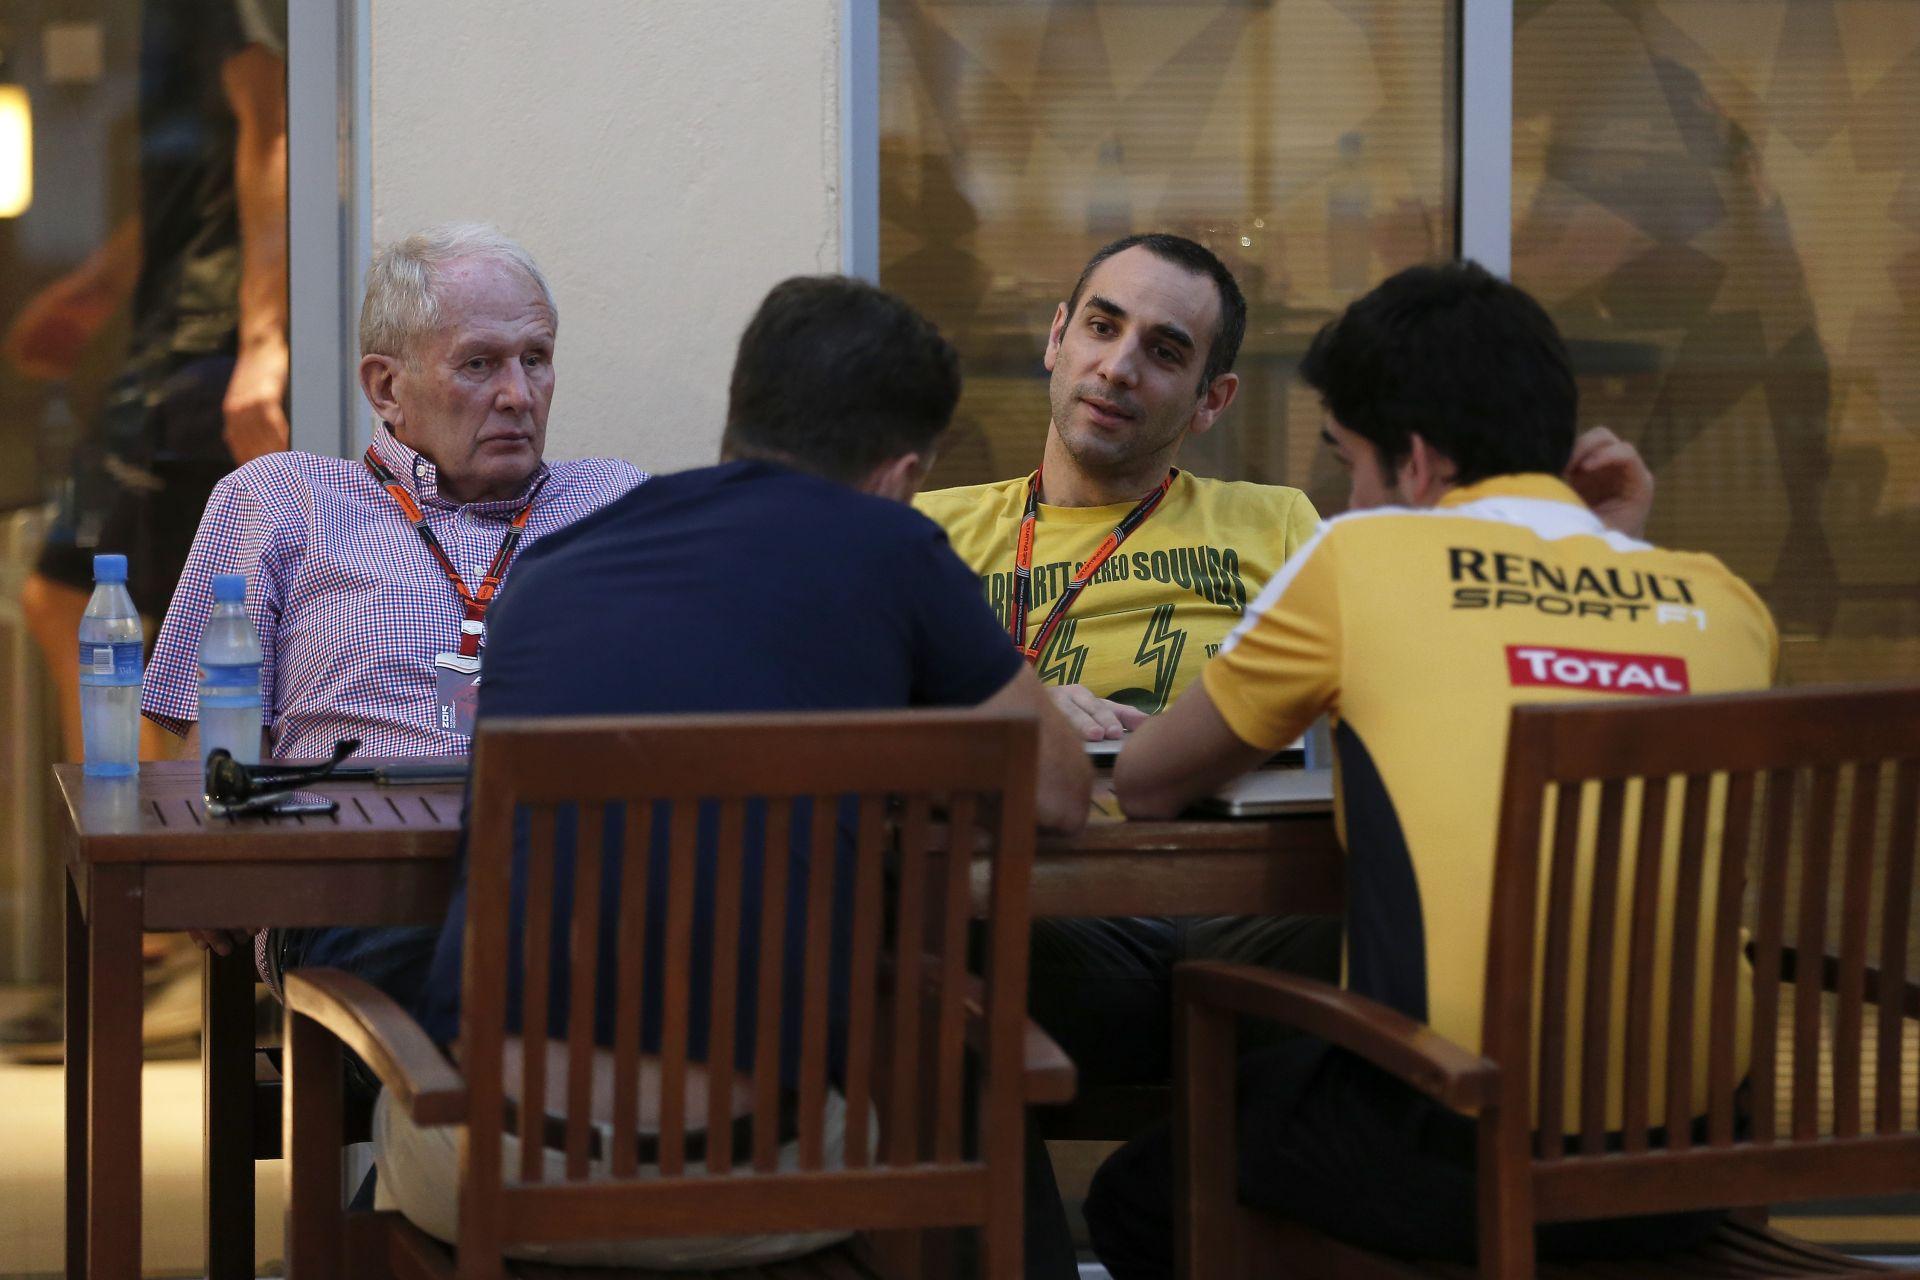 Macska-egér játékot űz a Renault: döntő fontosságú tárgyalás Abu Dhabiban